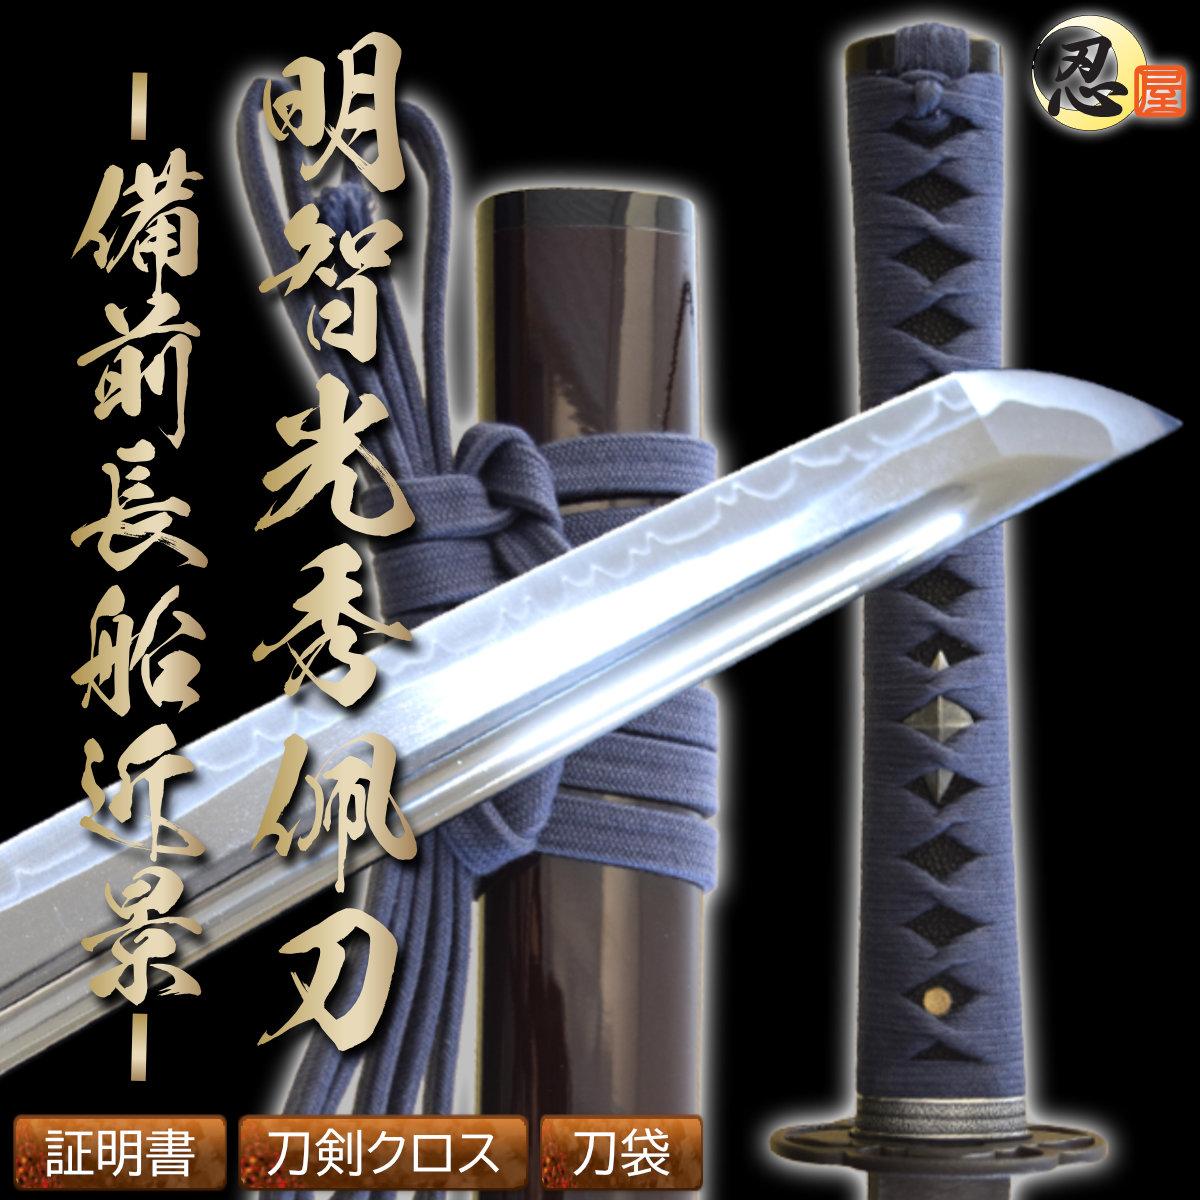 高級居合刀 明智光秀佩刀 -備前長船近景- (刀袋付き)